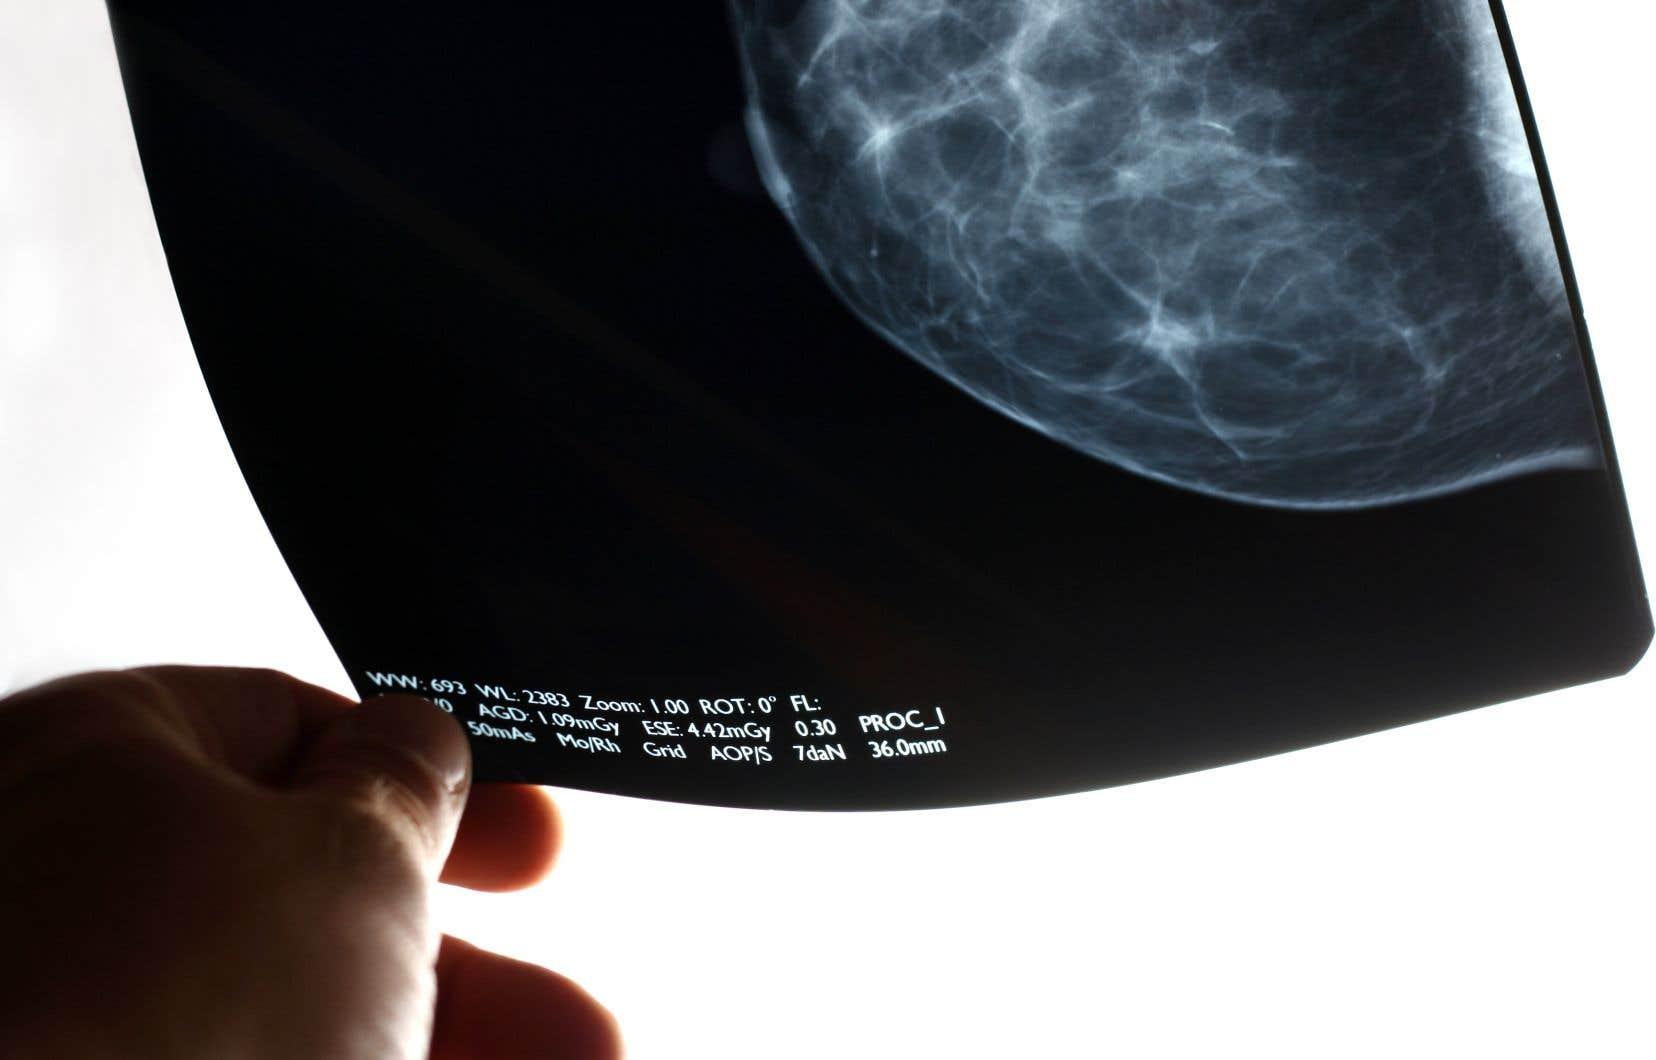 Le programme québécois de dépistage du cancer du sein offre aux femmes de 50 à 69 ans la possibilité de passer une mammographie tous les deux ans.